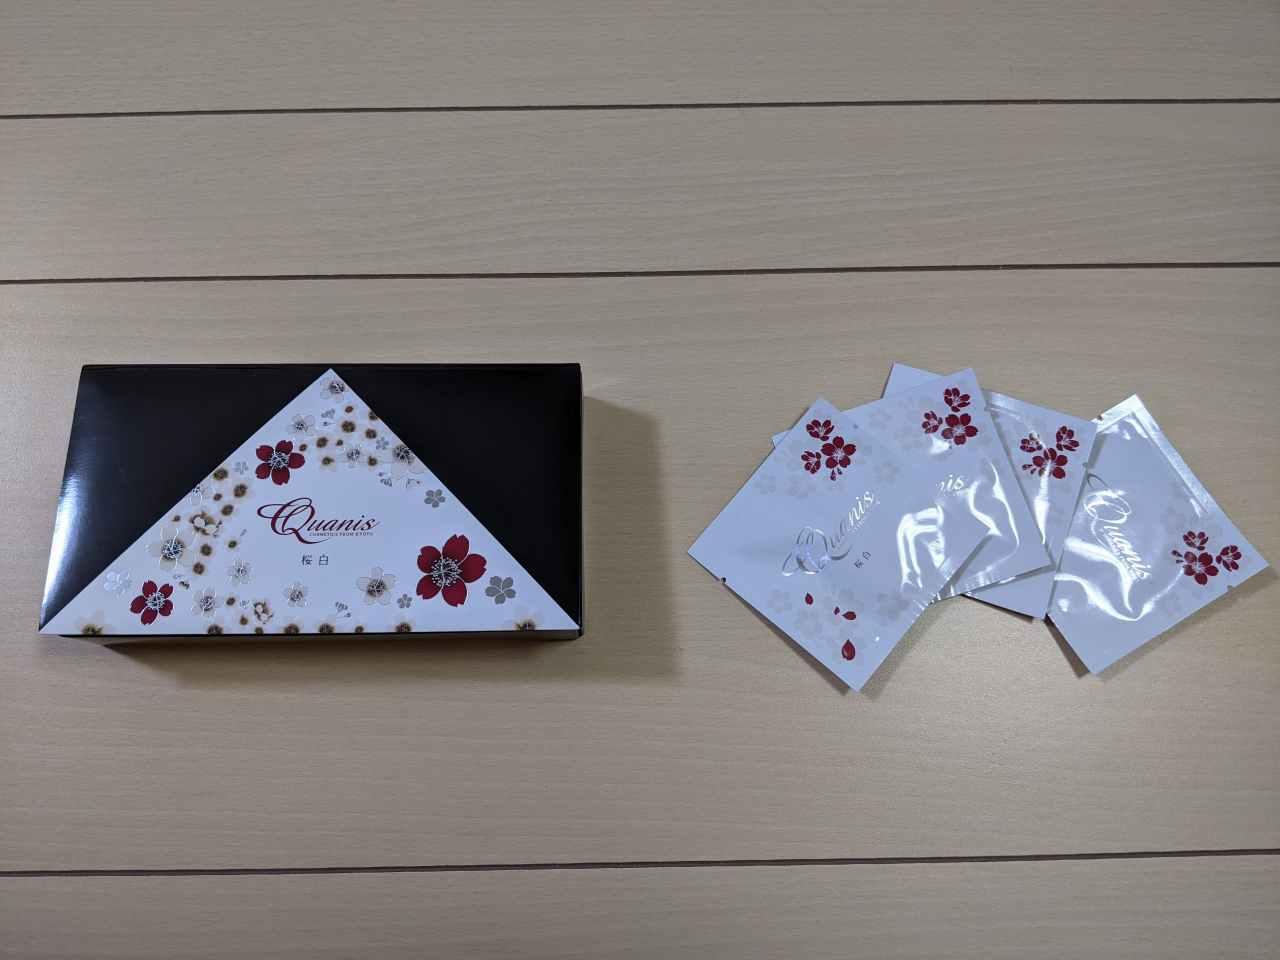 シミ専用マイクロニードルパッチ「桜白」のパッケージ